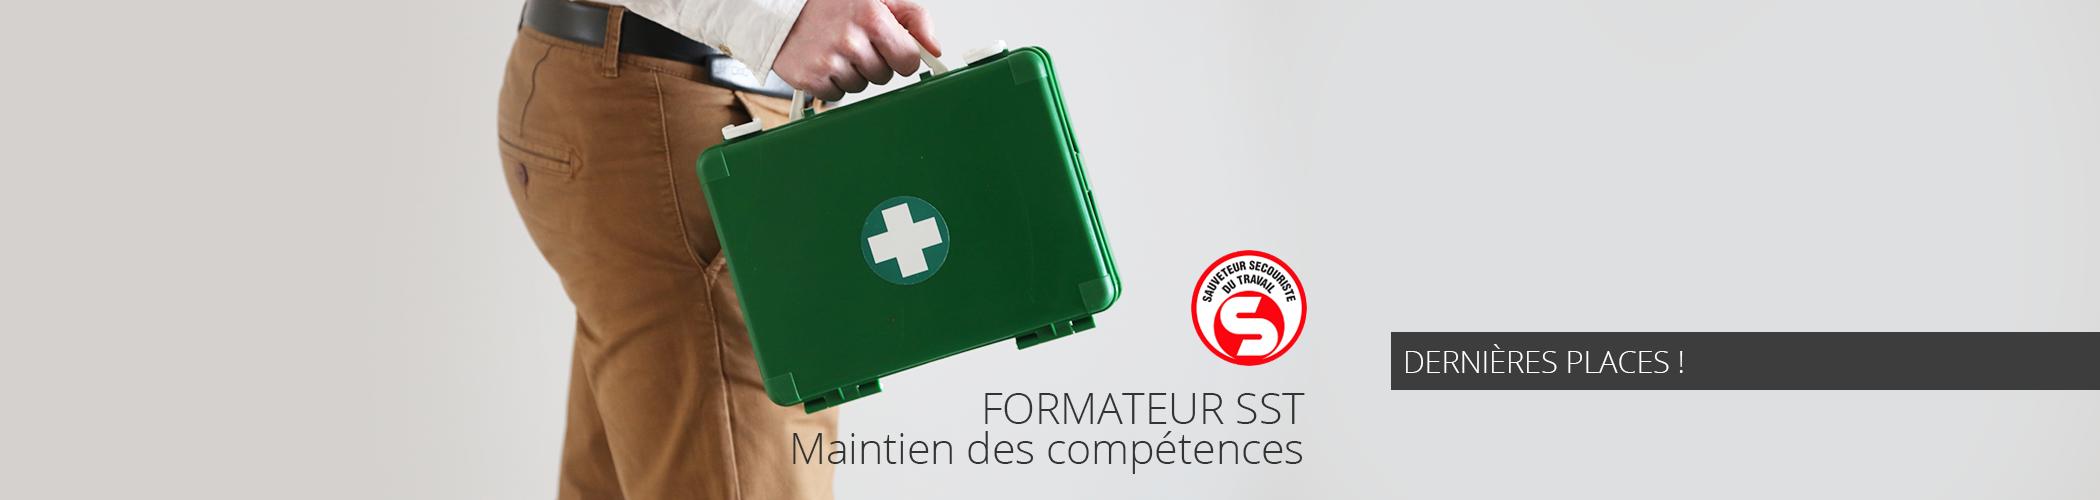 nter-entreprises - Formation de Formateur SST MAC du 4 au 6 juillet à Paris